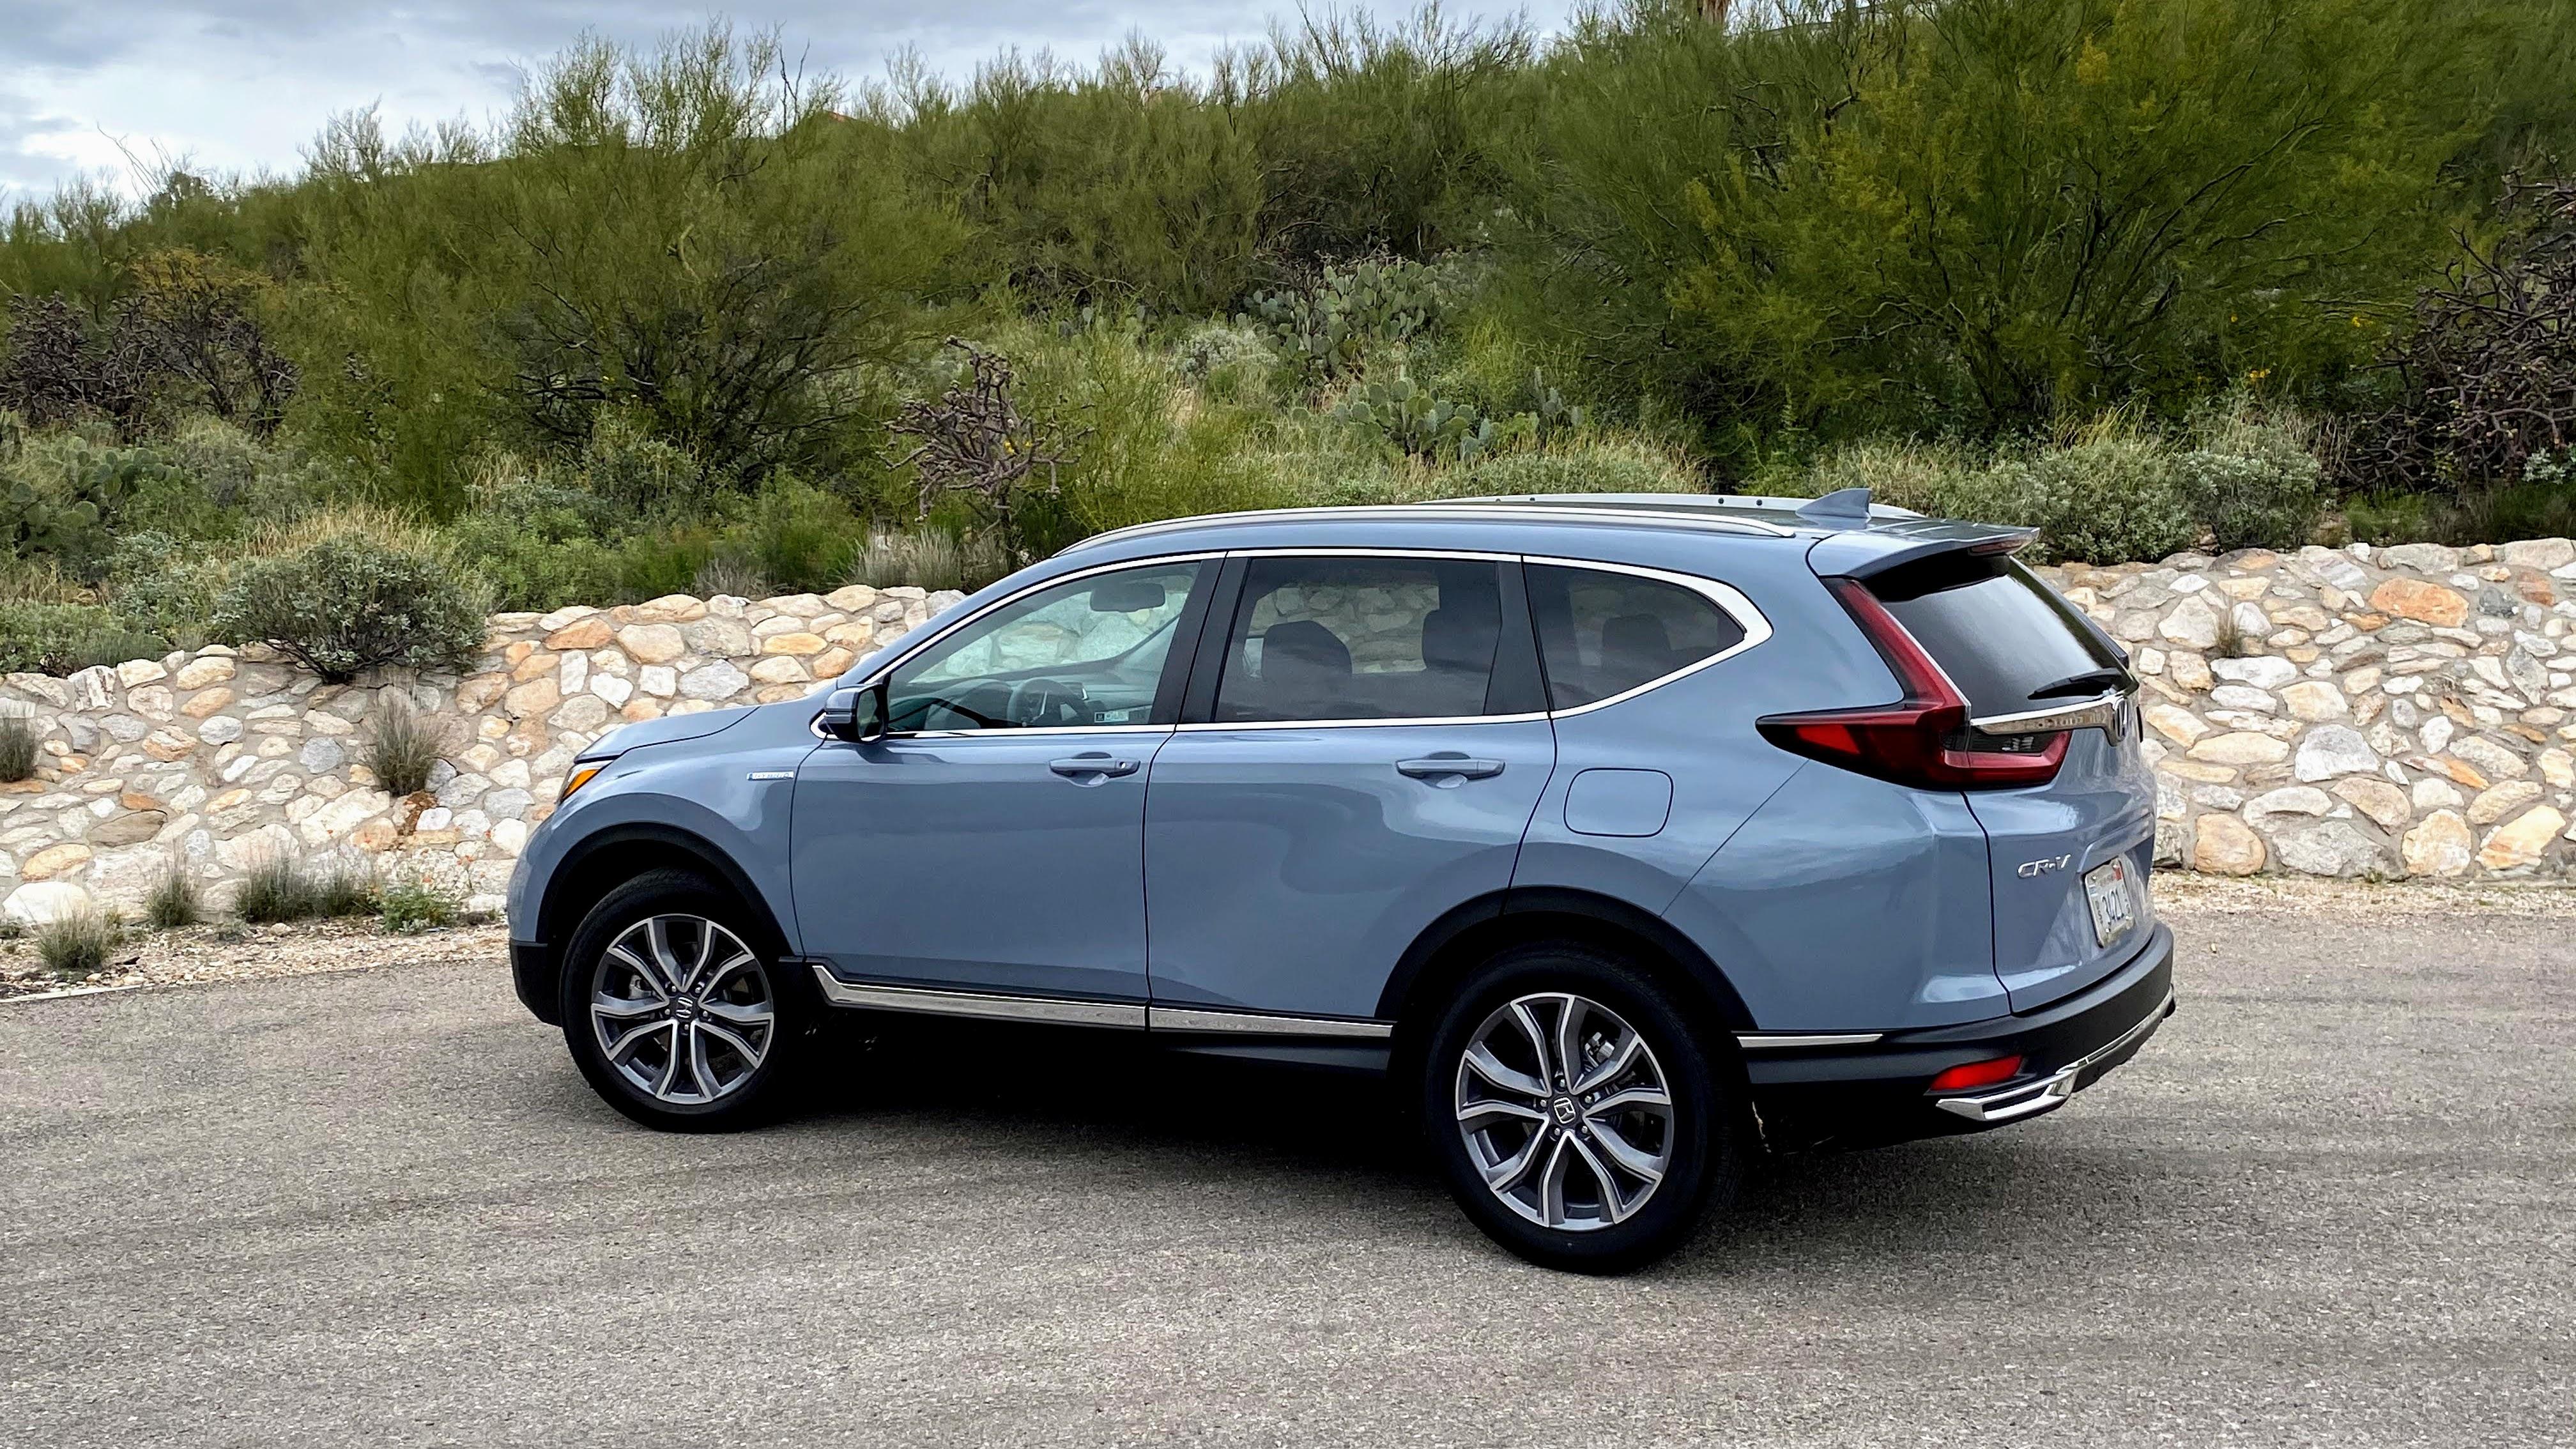 2020 Honda CRV Specs and Review